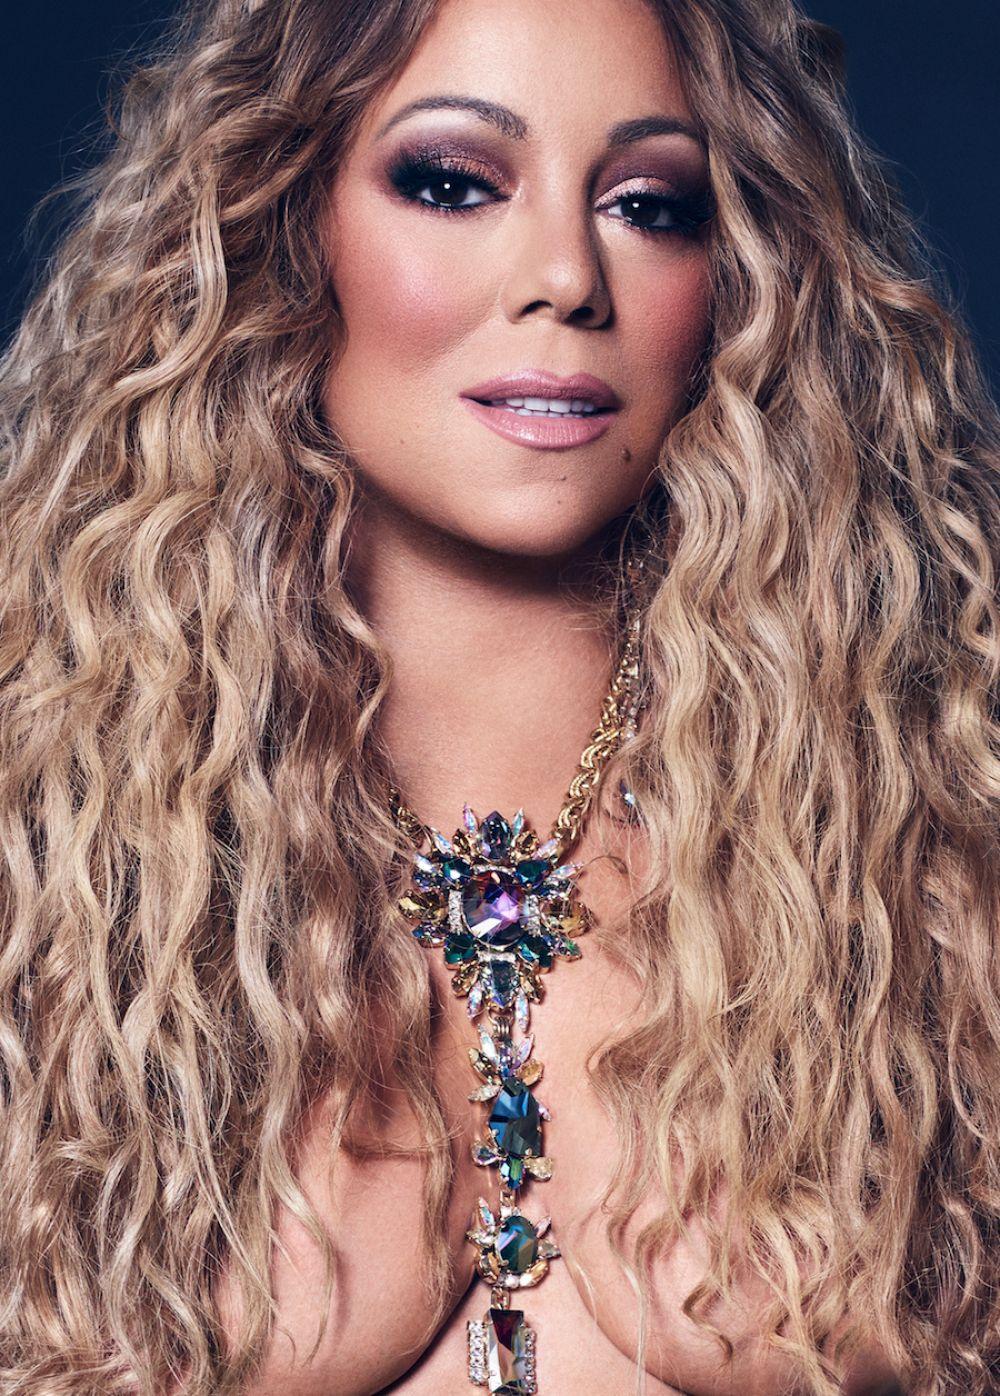 Mariah Carey For Paper Magazine Las Vegas Issue 2017